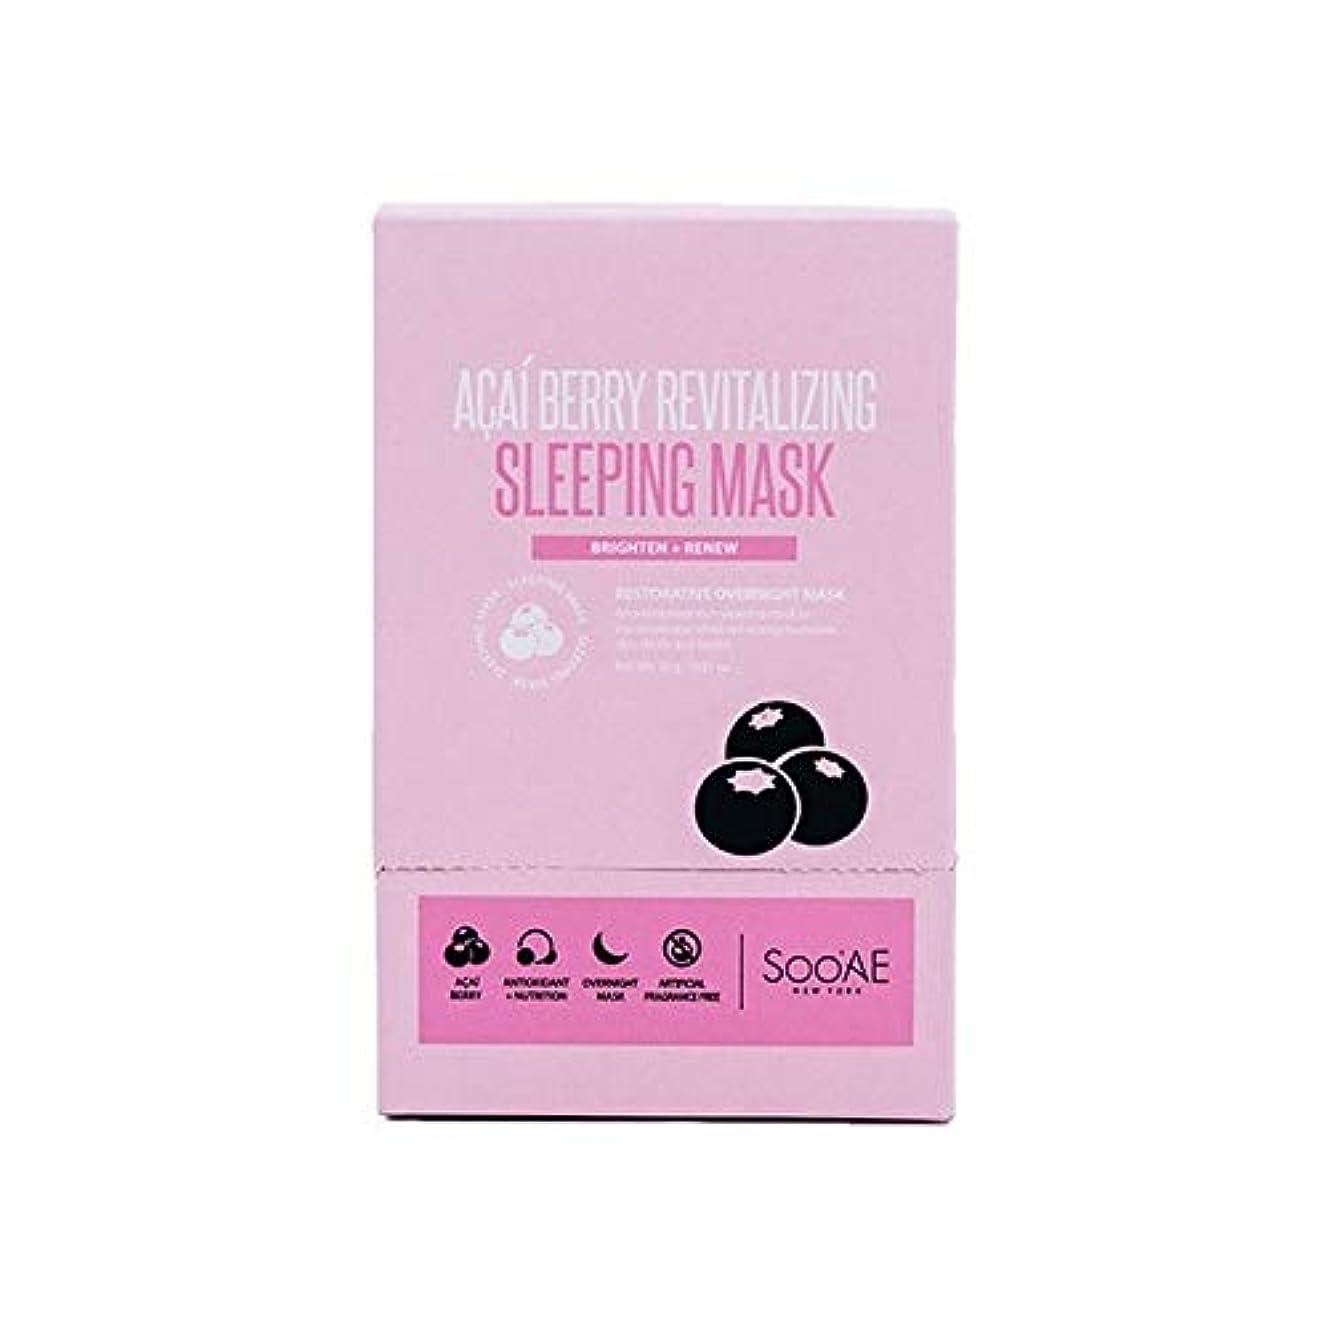 ペチュランスドループ北東[SooAe] Soo'Aeアサイベリー睡眠マスク10グラム - Soo'Ae Acai Berry Sleeping Mask 10g [並行輸入品]